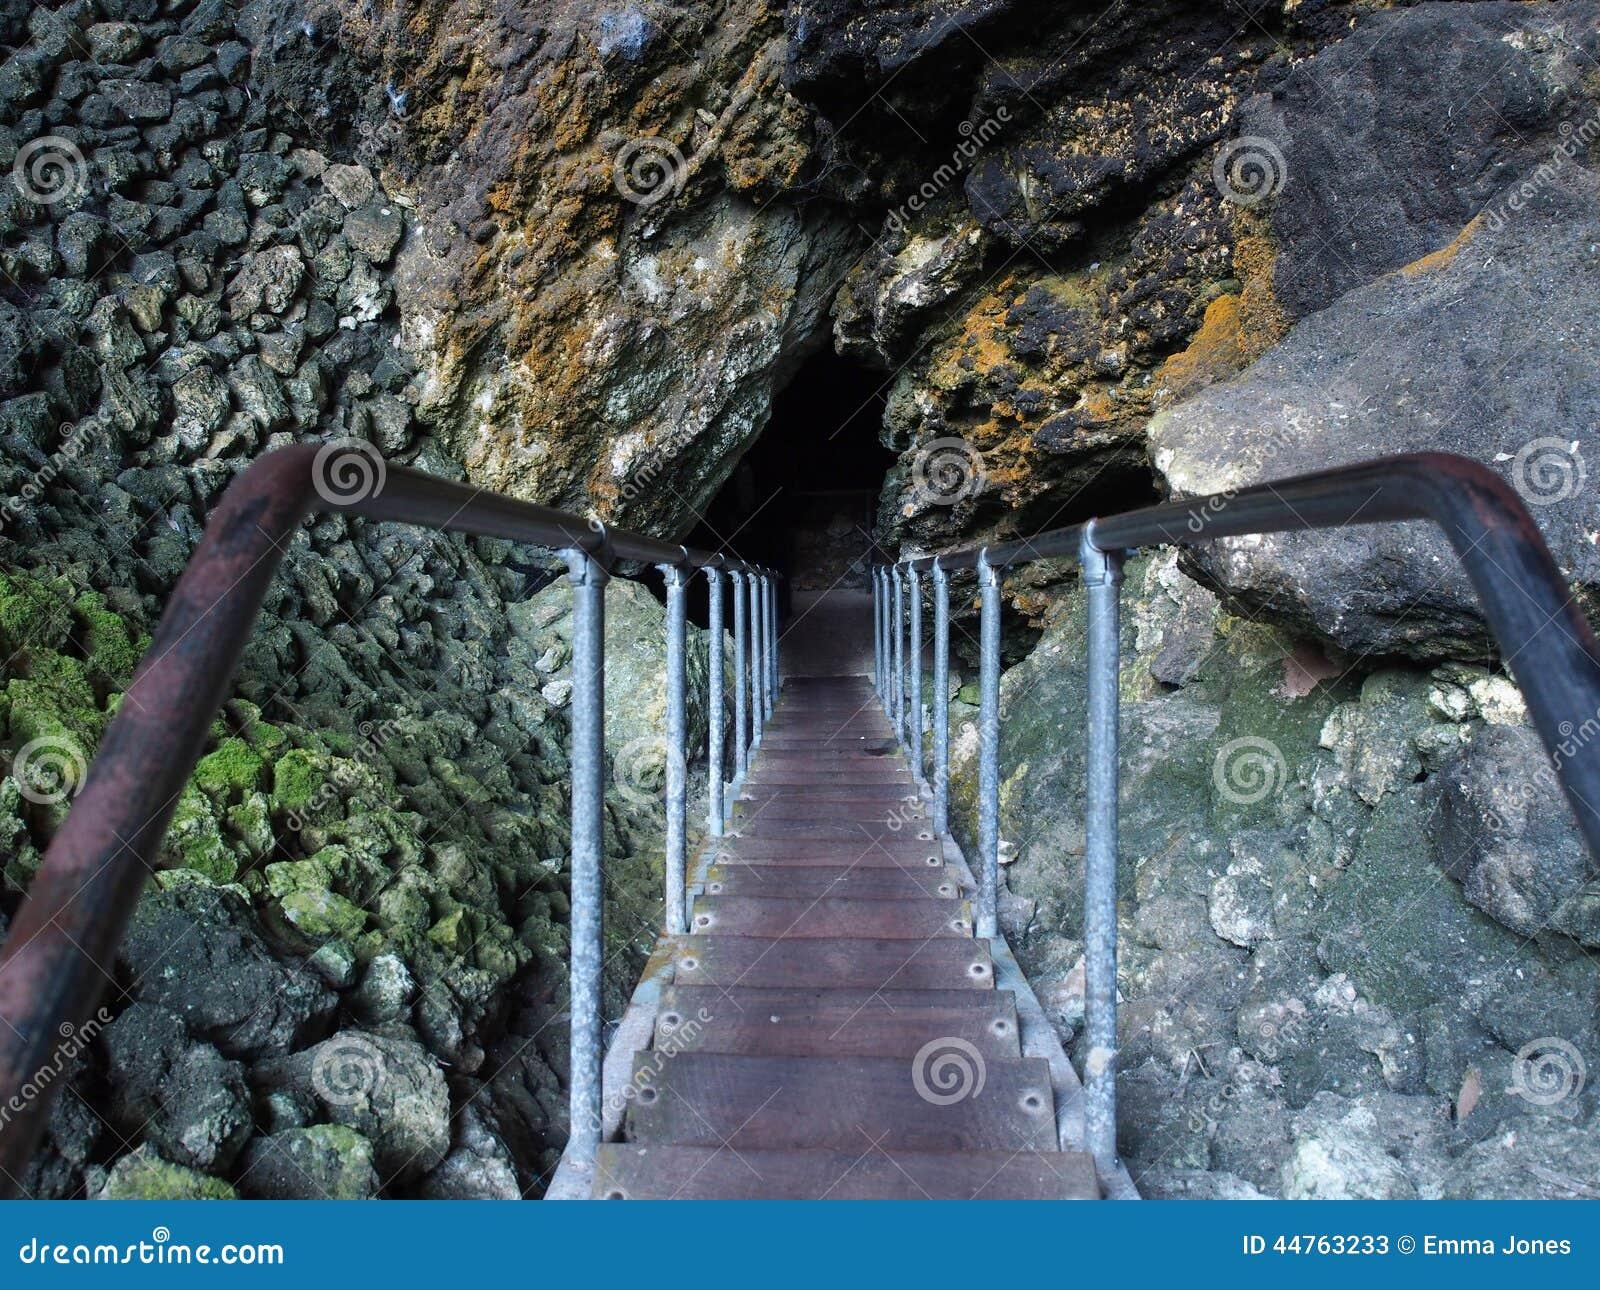 Ruínas menos arruinadas que minha vida Entrada-caverna-do-lago-margaret-river-austrlia-ocidental-44763233